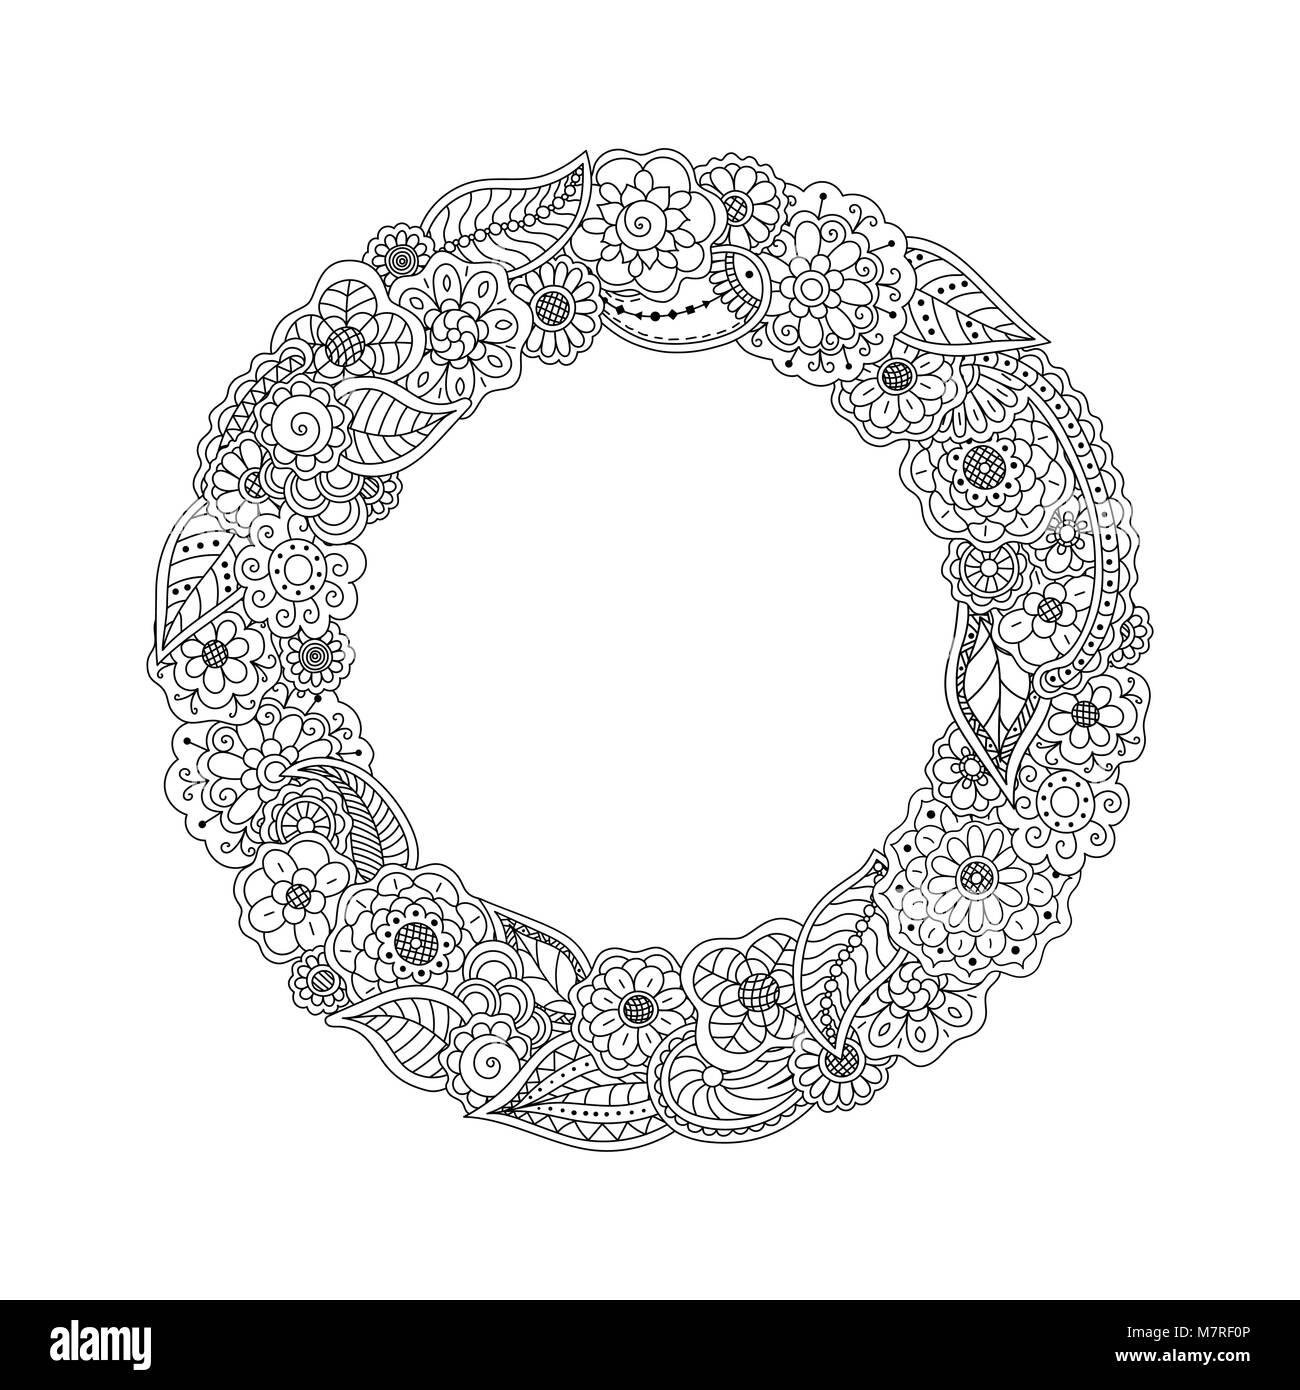 Coloriage Cadre Fleur.Vector Cercle Rond Cadre De Doodle Fleurs Doodle Floral Noir Et